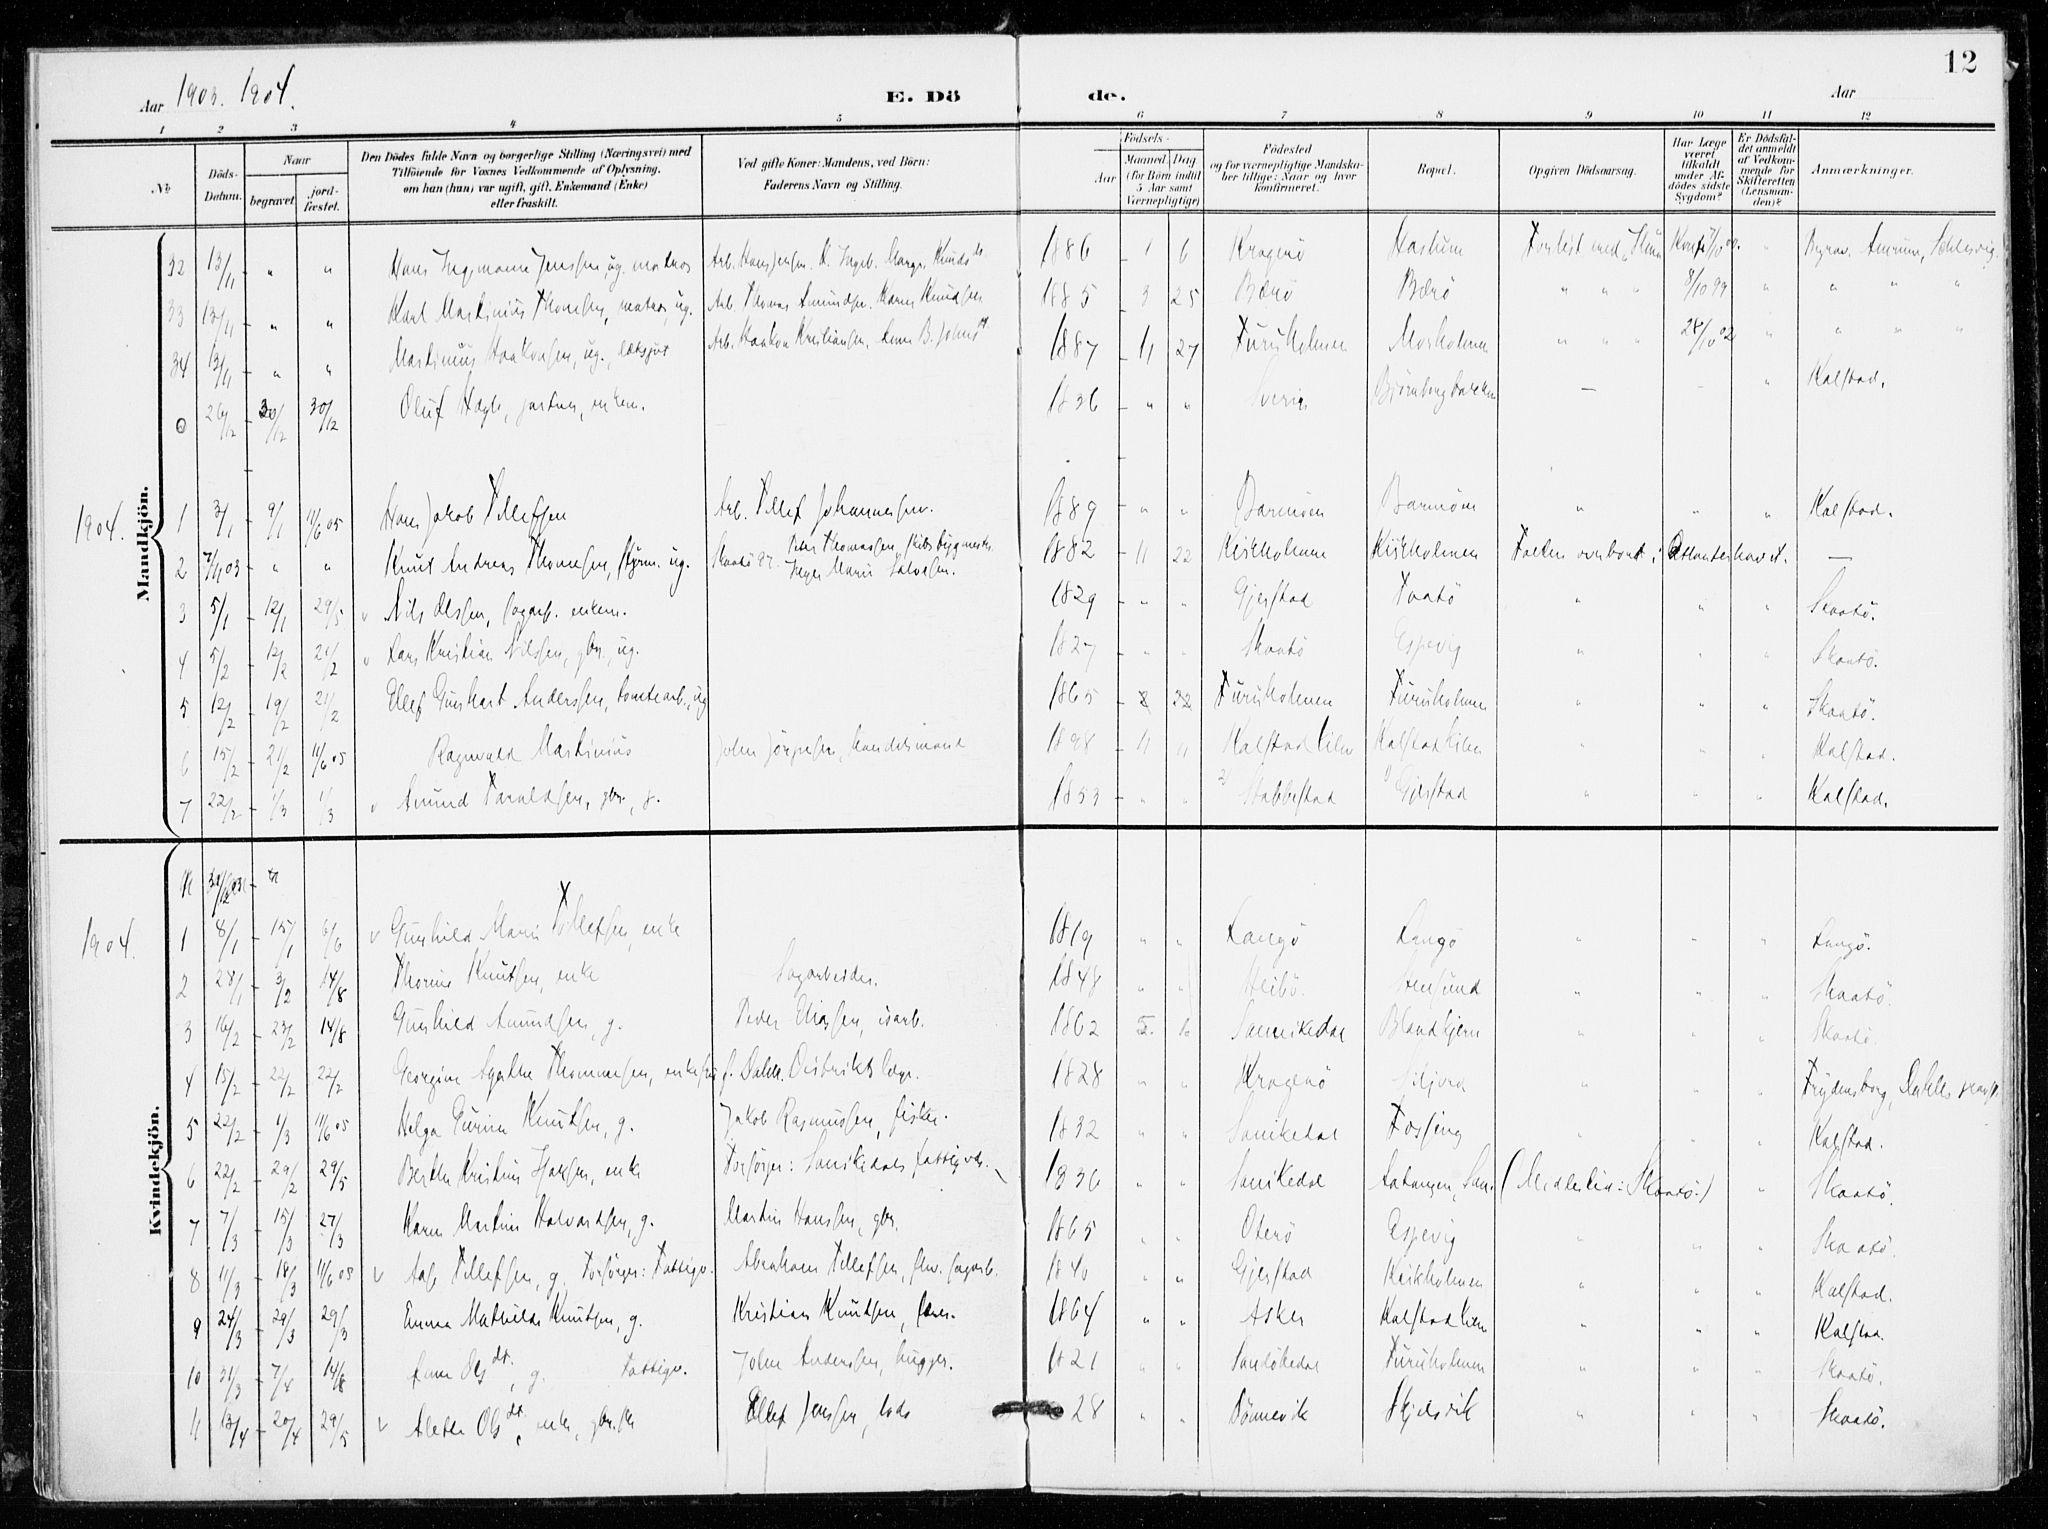 SAKO, Skåtøy kirkebøker, F/Fa/L0005: Ministerialbok nr. I 5, 1901-1923, s. 12